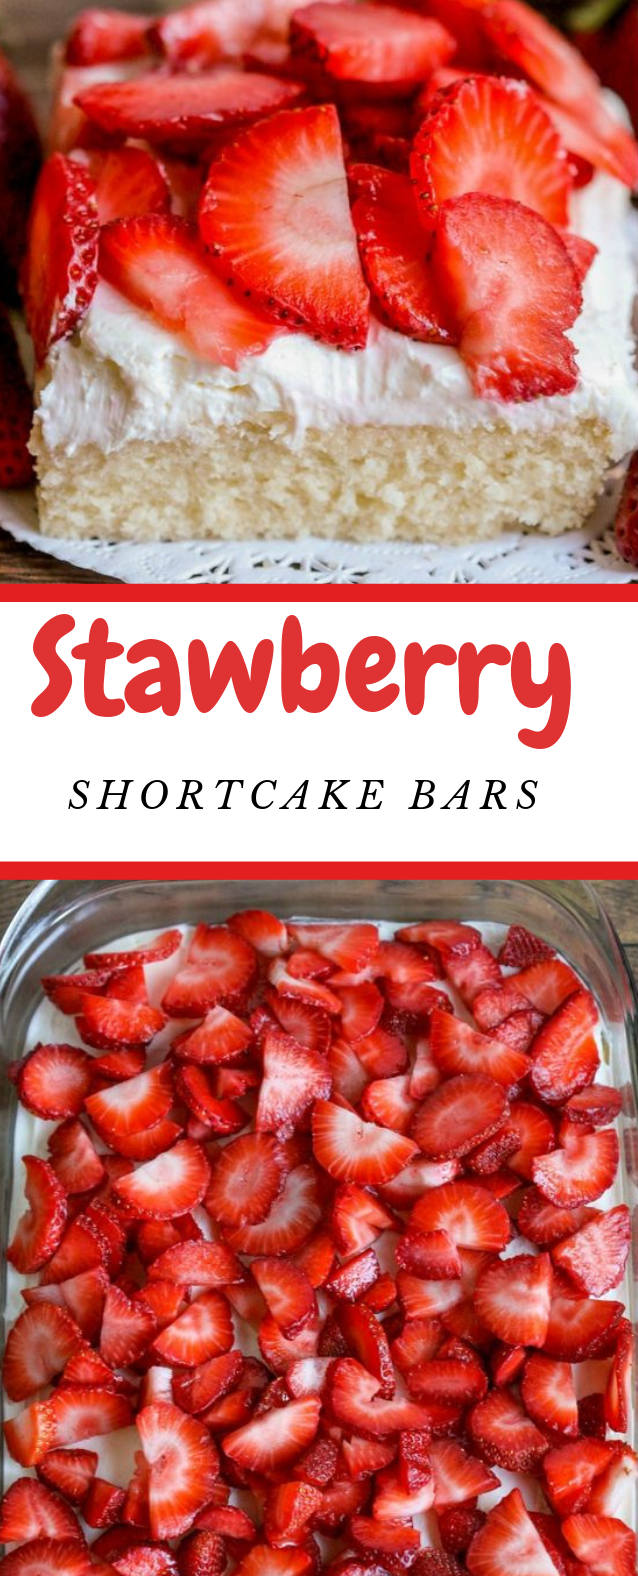 STRAWBERRY SHORTCAKE BARS #cakebars #dessert